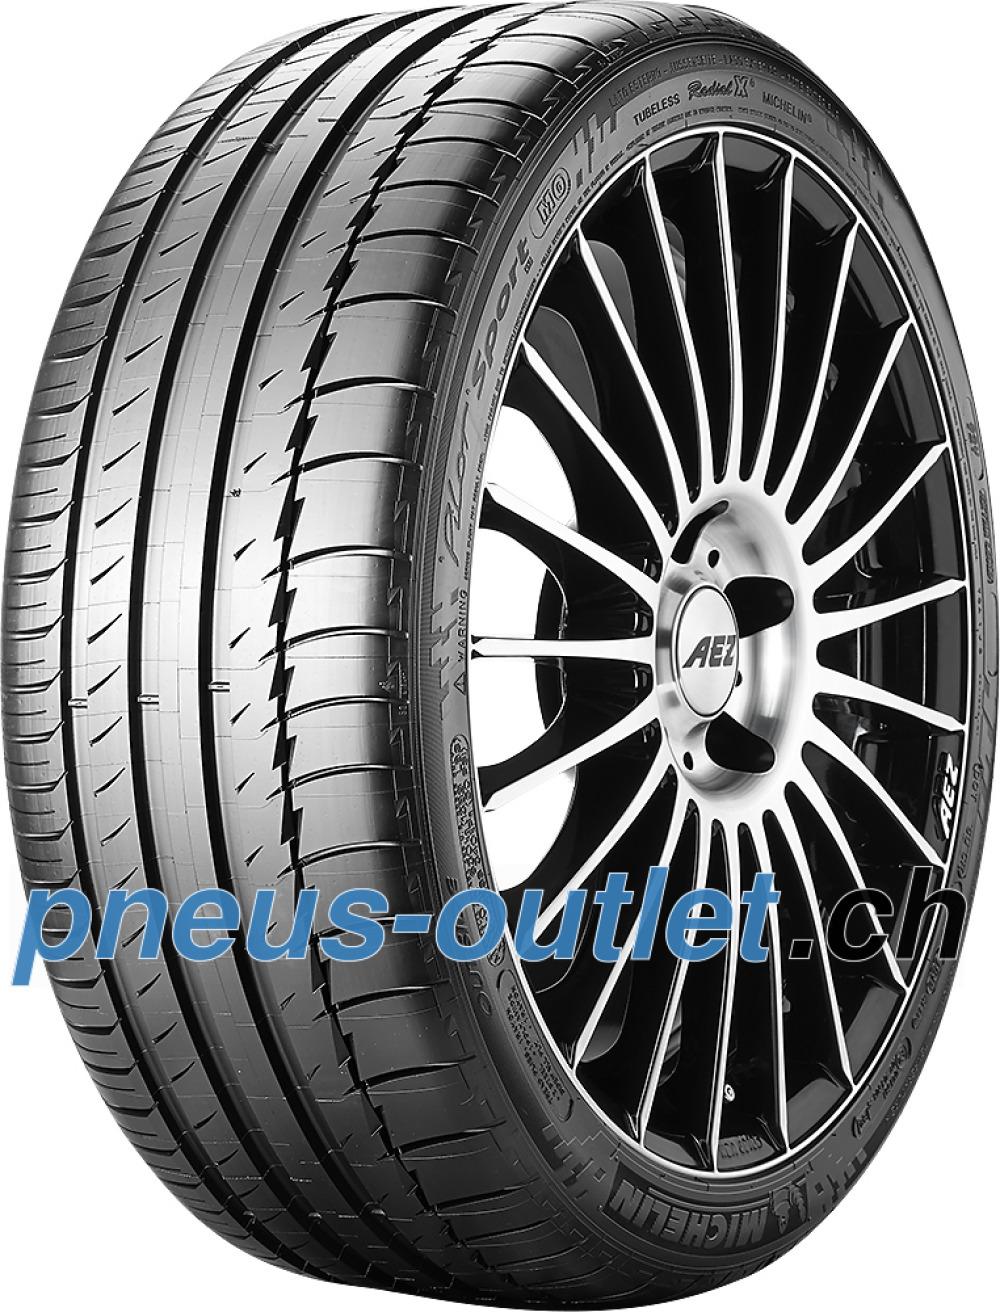 Michelin Pilot Sport PS2 ( 255/30 ZR22 (95Y) XL avec rebord protecteur de jante (FSL) )